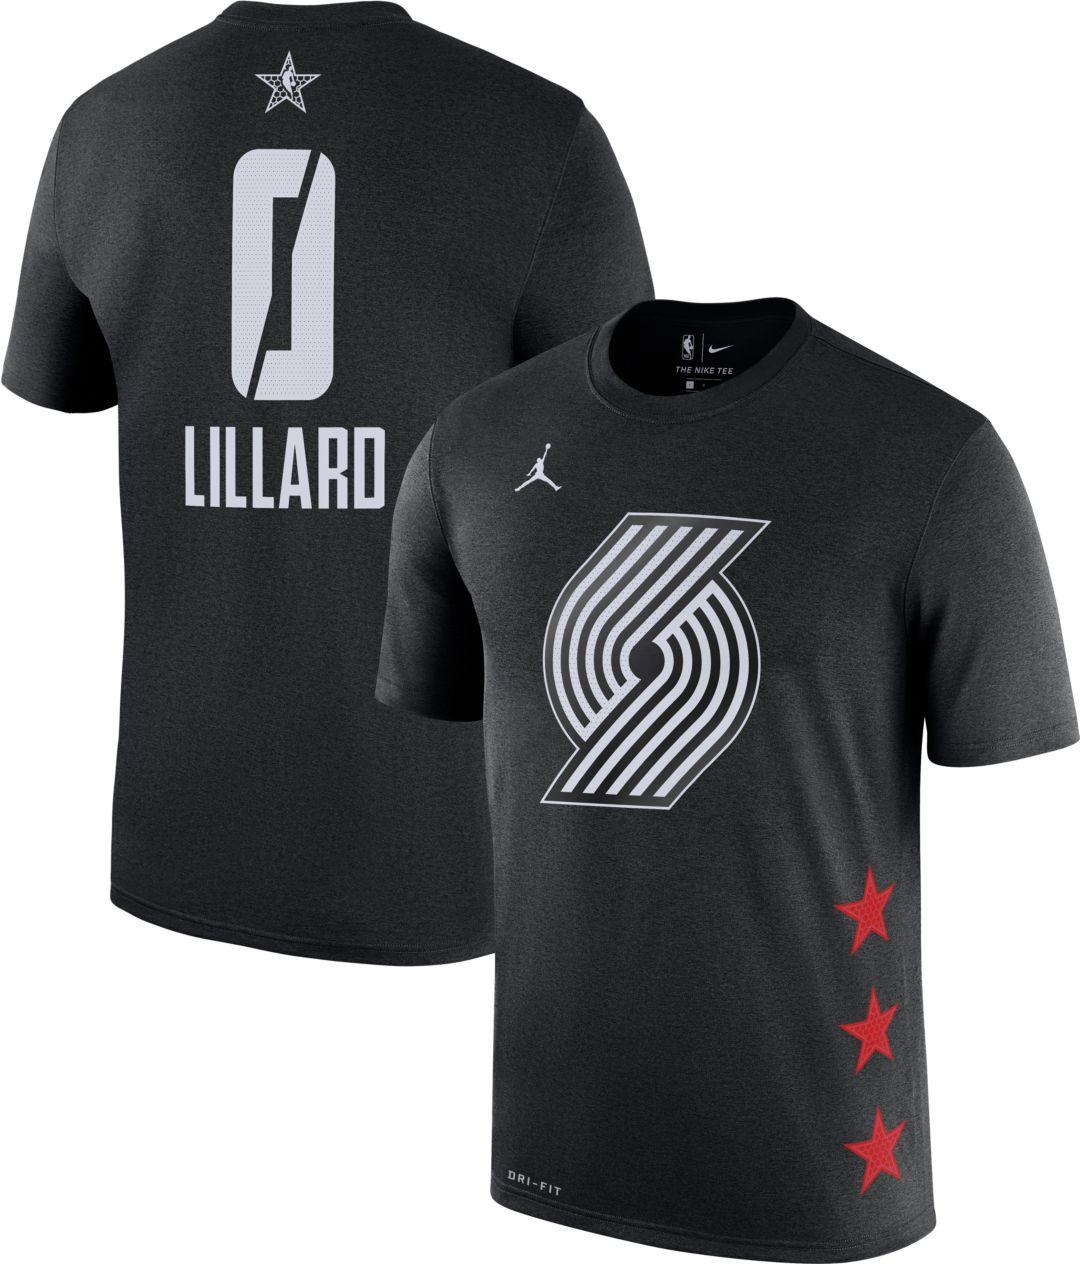 save off 3e8f9 f0c42 Jordan Men s 2019 NBA All-Star Game Damian Lillard Dri-FIT Black T-Shirt    DICK S Sporting Goods